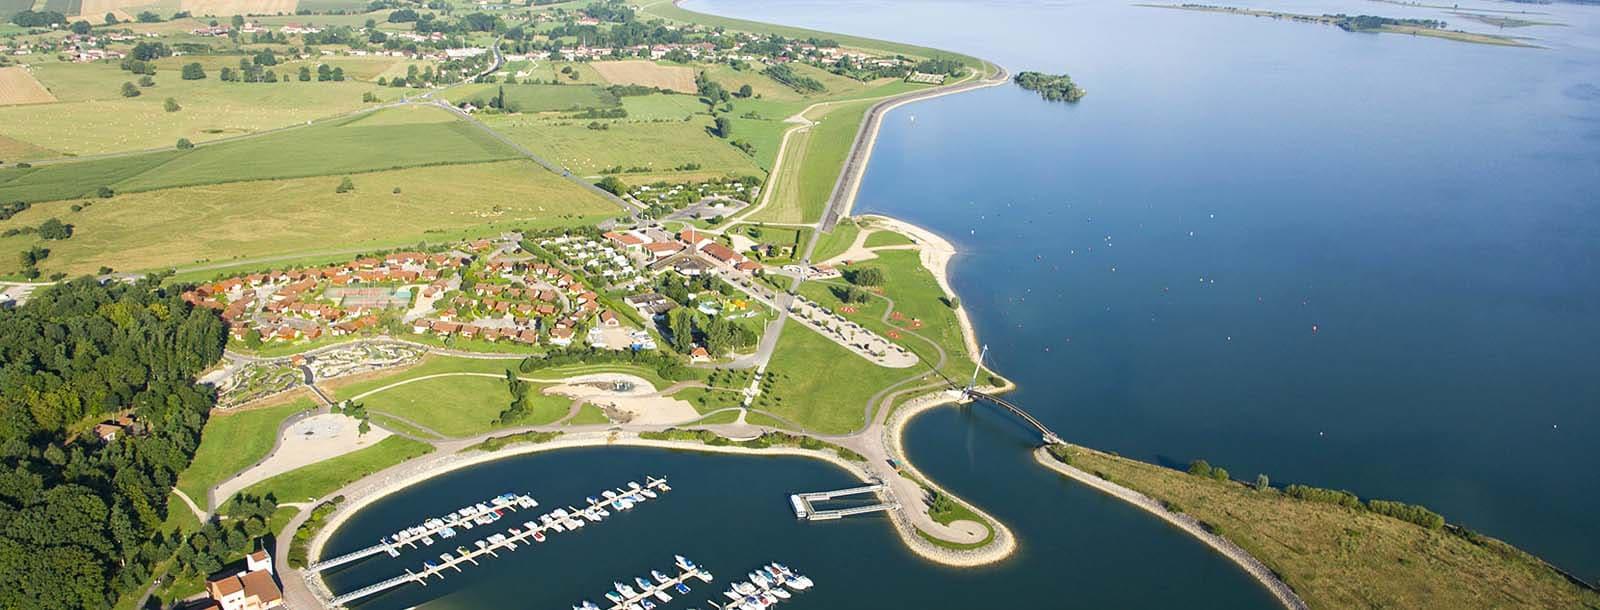 Laboration d un projet de d veloppement touristique partag pour le territoire du lac du der - Office tourisme lac du der ...